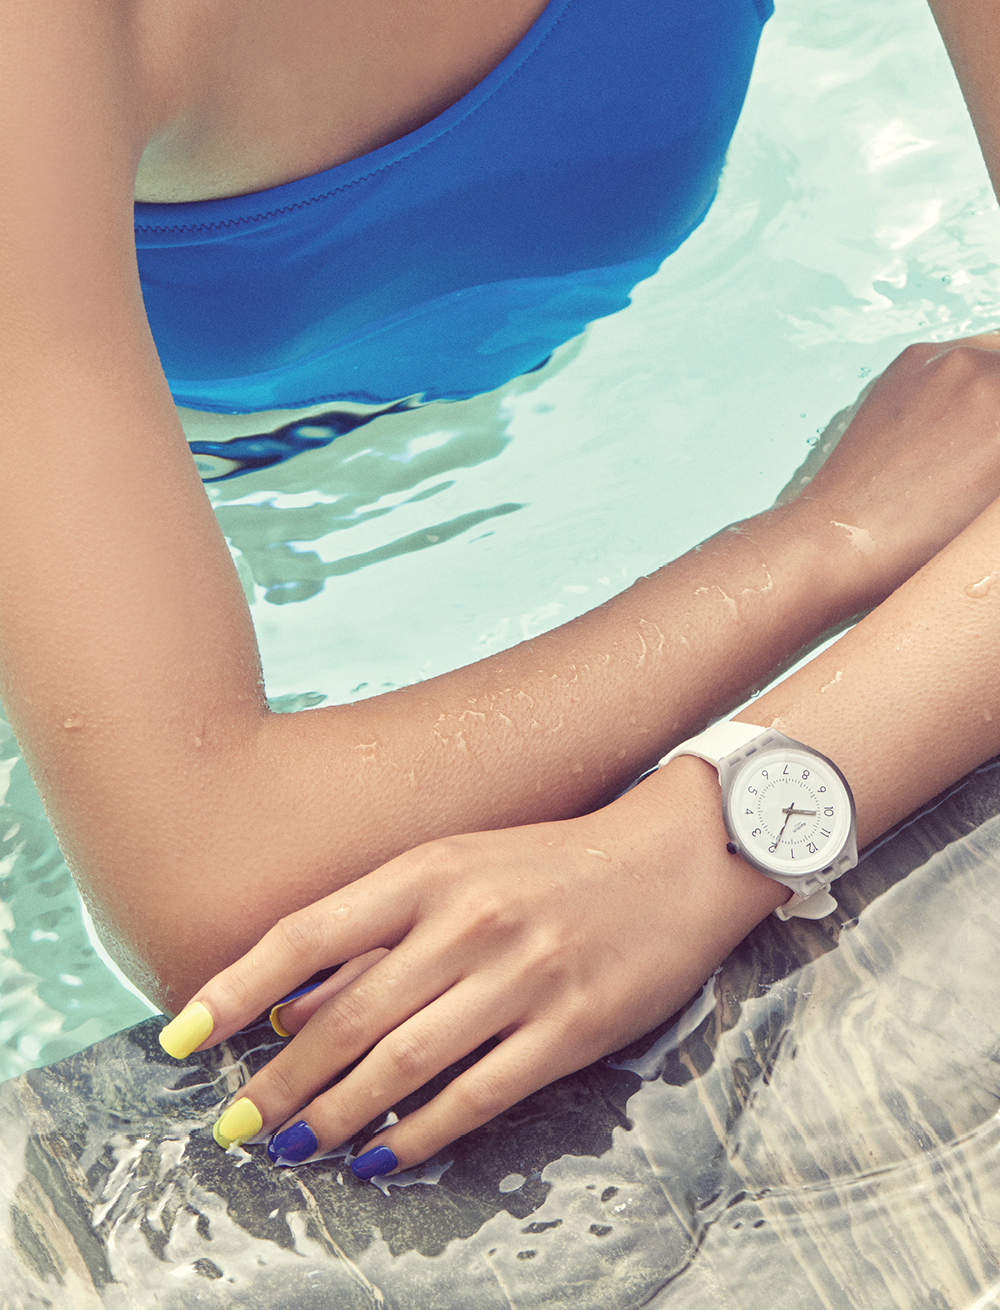 나일론 소재 수영복은 12만9천원, 데이즈데이즈.방수 기능을 갖춘 실리콘 스트랩 시계는15만4천원, 스와치(Swatch).